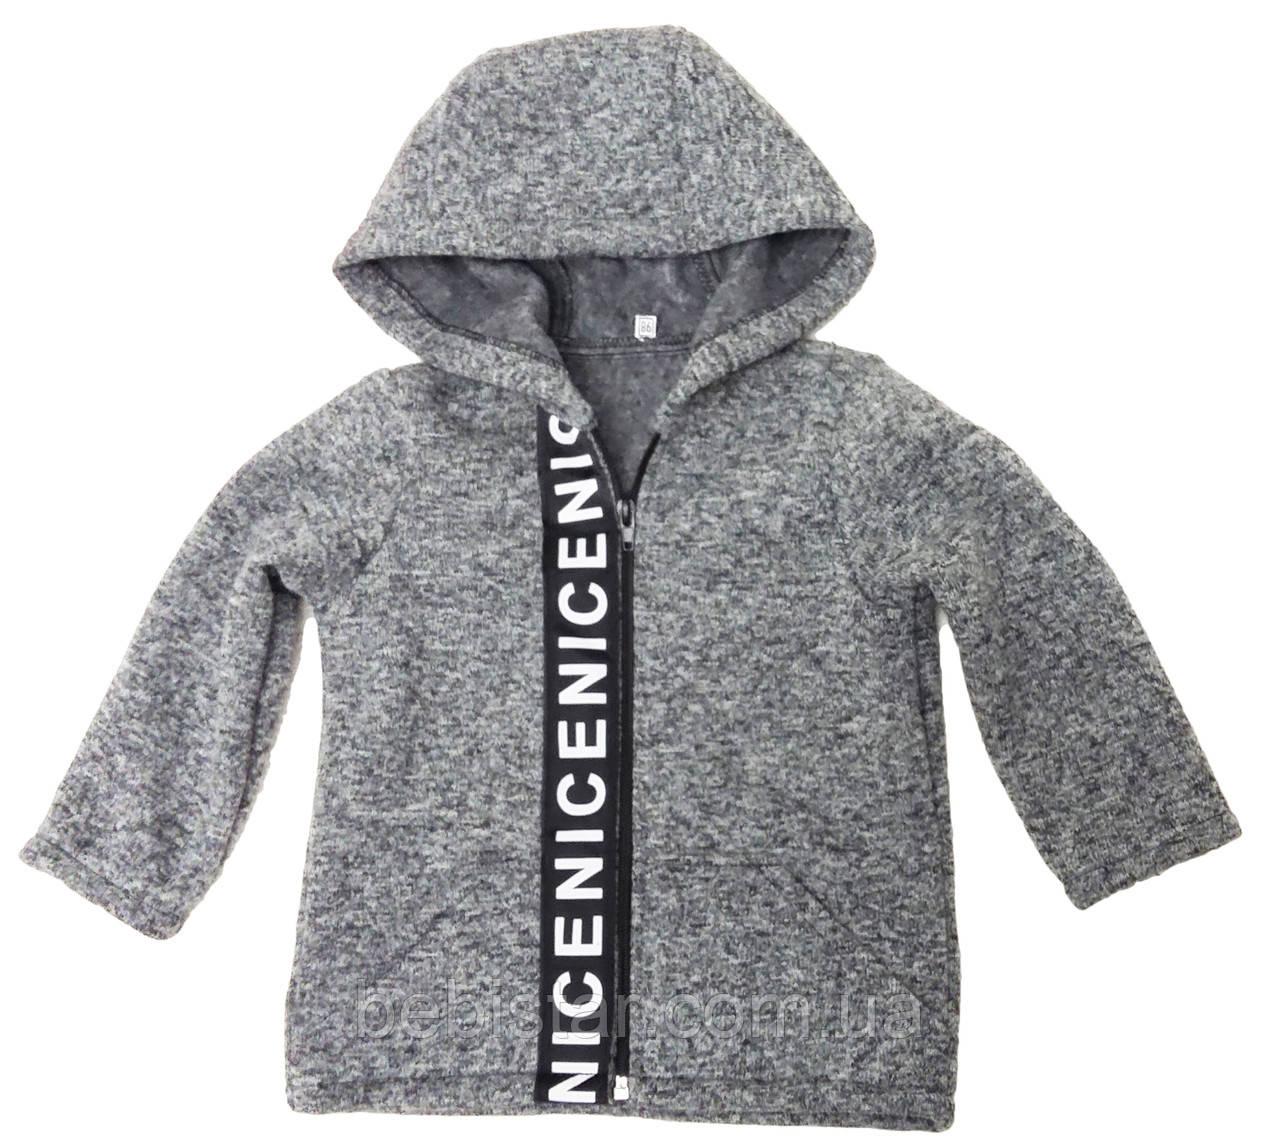 Весенняя куртка парка светло-серая для девочек 4-5 лет ткань трикотаж футер с начесом